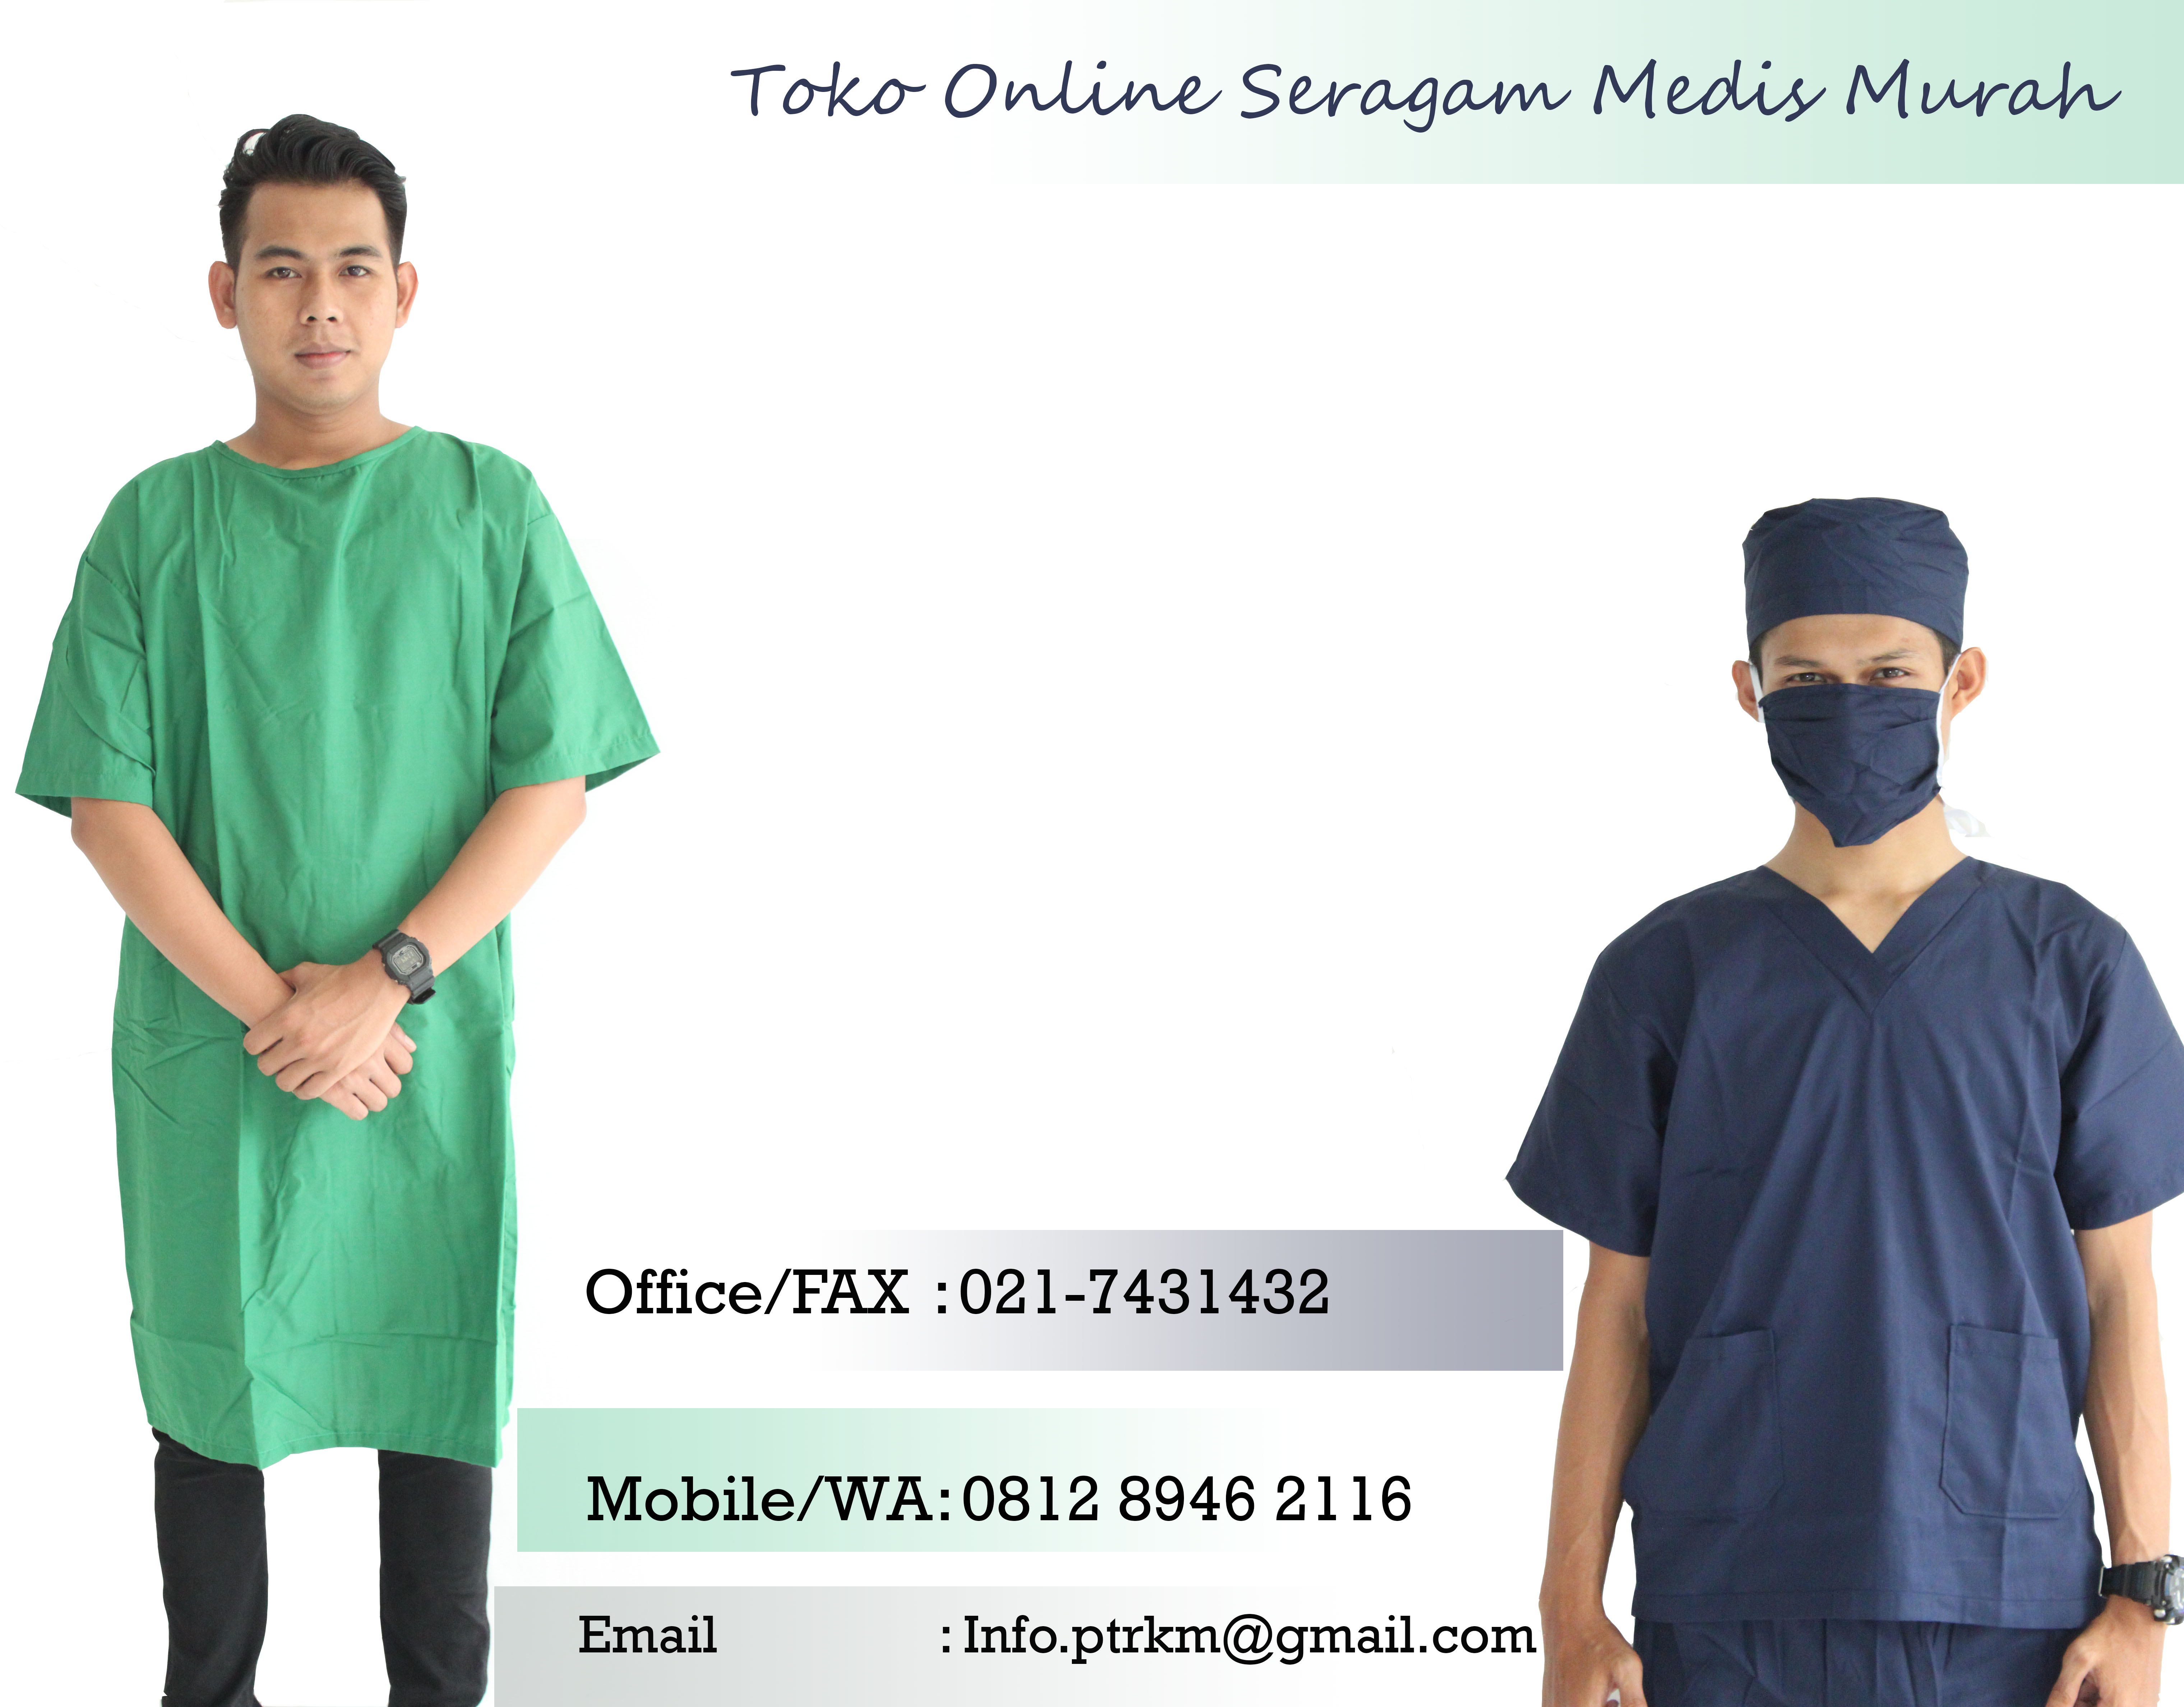 Jual Baju Perawat Bandung, Jual Baju Perawat Ciputat, Jual Baju Perawat Bintaro, Jual Baju Perawat Jakarta, Jual Baju Perawat Serpong, Jual Baju Perawat Tangerang, Jual Baju Perawat Semarang, Baju Perawat Cilik, Baju Perawat Cantik, Gambar Baju Perawat Cowok, Desain Baju Perawat Cowok, Baju Perawat Kerah Cina, Baju Perawat Untuk Karnaval Jaman Dulu, Baju Perawat Rumah Sakit Cikini, Contoh Baju Perawat Rumah Sakit, Cari Baju Perawat, Baju Perawat Dewasa, Baju Perawat Dua Saudara, Baju Perawat Dress, Baju Perawat Di Jepang, Baju Dinas Perawat, Baju Dinas Perawat Modern, Baju Dinas Perawat Muslim, Baju Dinas Perawat Wanita, Baju Dinas Perawat Laki Laki, Baju Dinas Perawat Kombinasi,Foto Baju Perawat, Fungsi Baju Perawat, Baju Perawat Gigi, Model Baju Perawat Gigi, Baju Seragam Perawat Gigi, Gambar Baju Perawat, Grosir Baju Perawat, Gambar Baju Perawat Modern, Gambar Baju Perawat Terbaru, Gambar Baju Perawat Rumah Sakit, Gambar Baju Perawat Pria, Baju Perawat Hijab, Baju Perawat Baju Seragam Perawat Hamil, Gambar Baju Perawat Hamil, Baju Kerja Perawat Hamil, Jual Baju Perawat Hamil, Model Baju Perawat Hijab, Baju Perawat Warna Hijau, Gambar Baju Perawat Hijab, Baju Perawat Igd, Baju Perawat Indonesia, Baju Perawat Icu, Baju Perawat Ibu Hamil, Model Baju Perawat Igd, Model Baju Perawat Ibu Hamil, Jual Baju Perawat Icu, Model Baju Perawat Indonesia, Gambar Baju Perawat Igd, Baju Perawat Untuk Ibu Hamil, Baju Perawat Jaman Dulu, Baju Perawat Jaga Malam, Baju Perawat Jepang, Baju Perawat Jogja, Baju Perawat Jaga, Baju Jas Perawat, Model Baju Perawat Jepang, Model Baju Jaga Perawat, Jual Baju Jaga Perawat, Baju Perawat Korea, Baju Perawat Kombinasi Batik, Baju Perawat Karnaval, Baju Perawat Kancing Samping, Baju Perawat Keren, Baju Perawat Klinik, Baju Perawat Kerah Shanghai, Baju Perawat Kartun, Perawat Baju Ketat, Baju Perawat Laki2, Baju Perawat Laki Laki, Baju Perawat Luar Negeri, Baju Perawat Lucu, Jual Baju Perawat Lengan Panjang, Model Baju Perawat Lengan Panjang, Des